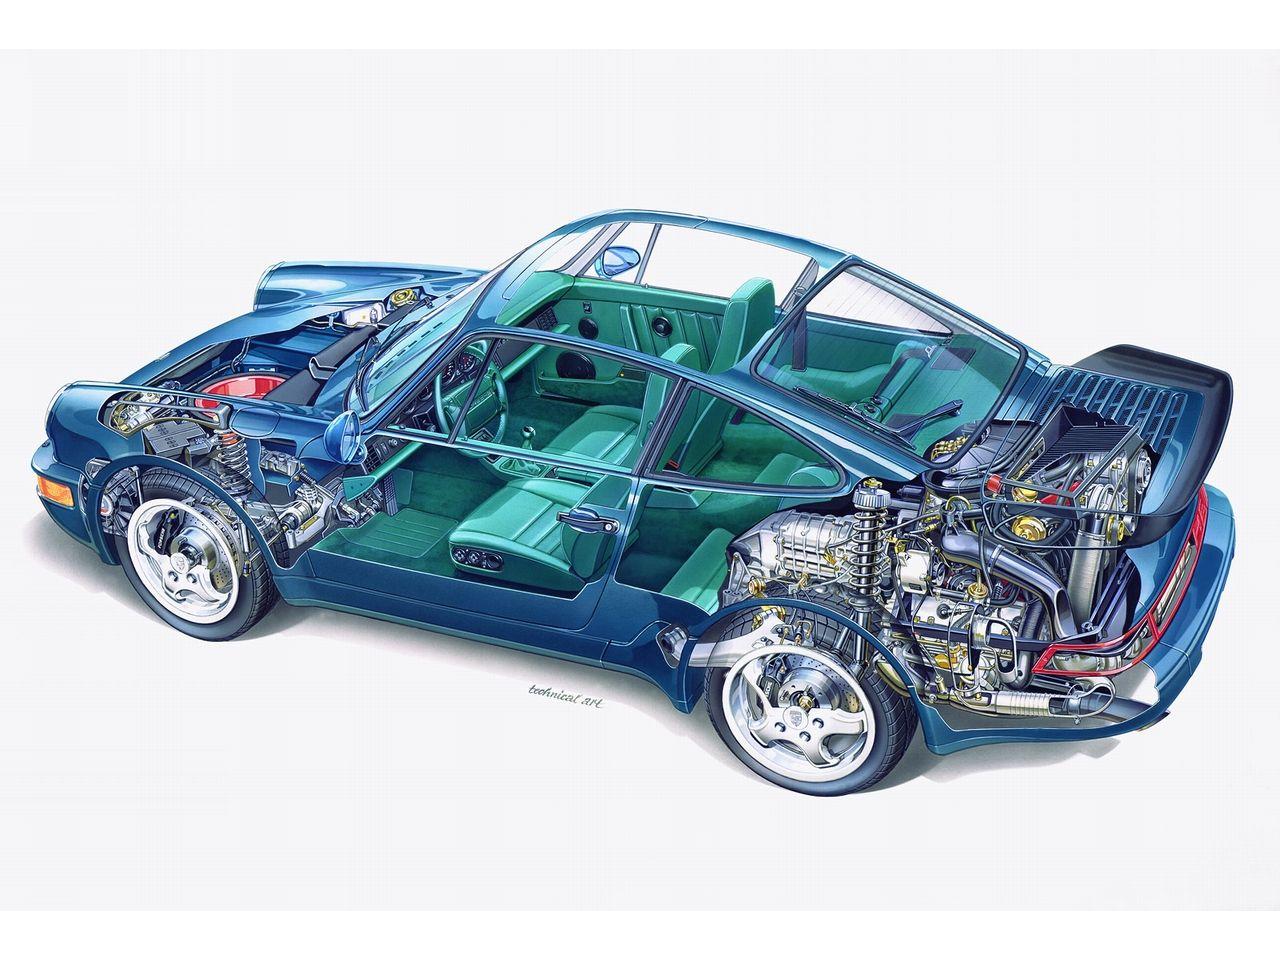 Porsche 964 Porsche 964 Turbo Ist Das Wirklich Schon 20 Jahre Her Porsche 911 964 Porsche Autos Porsche Classic